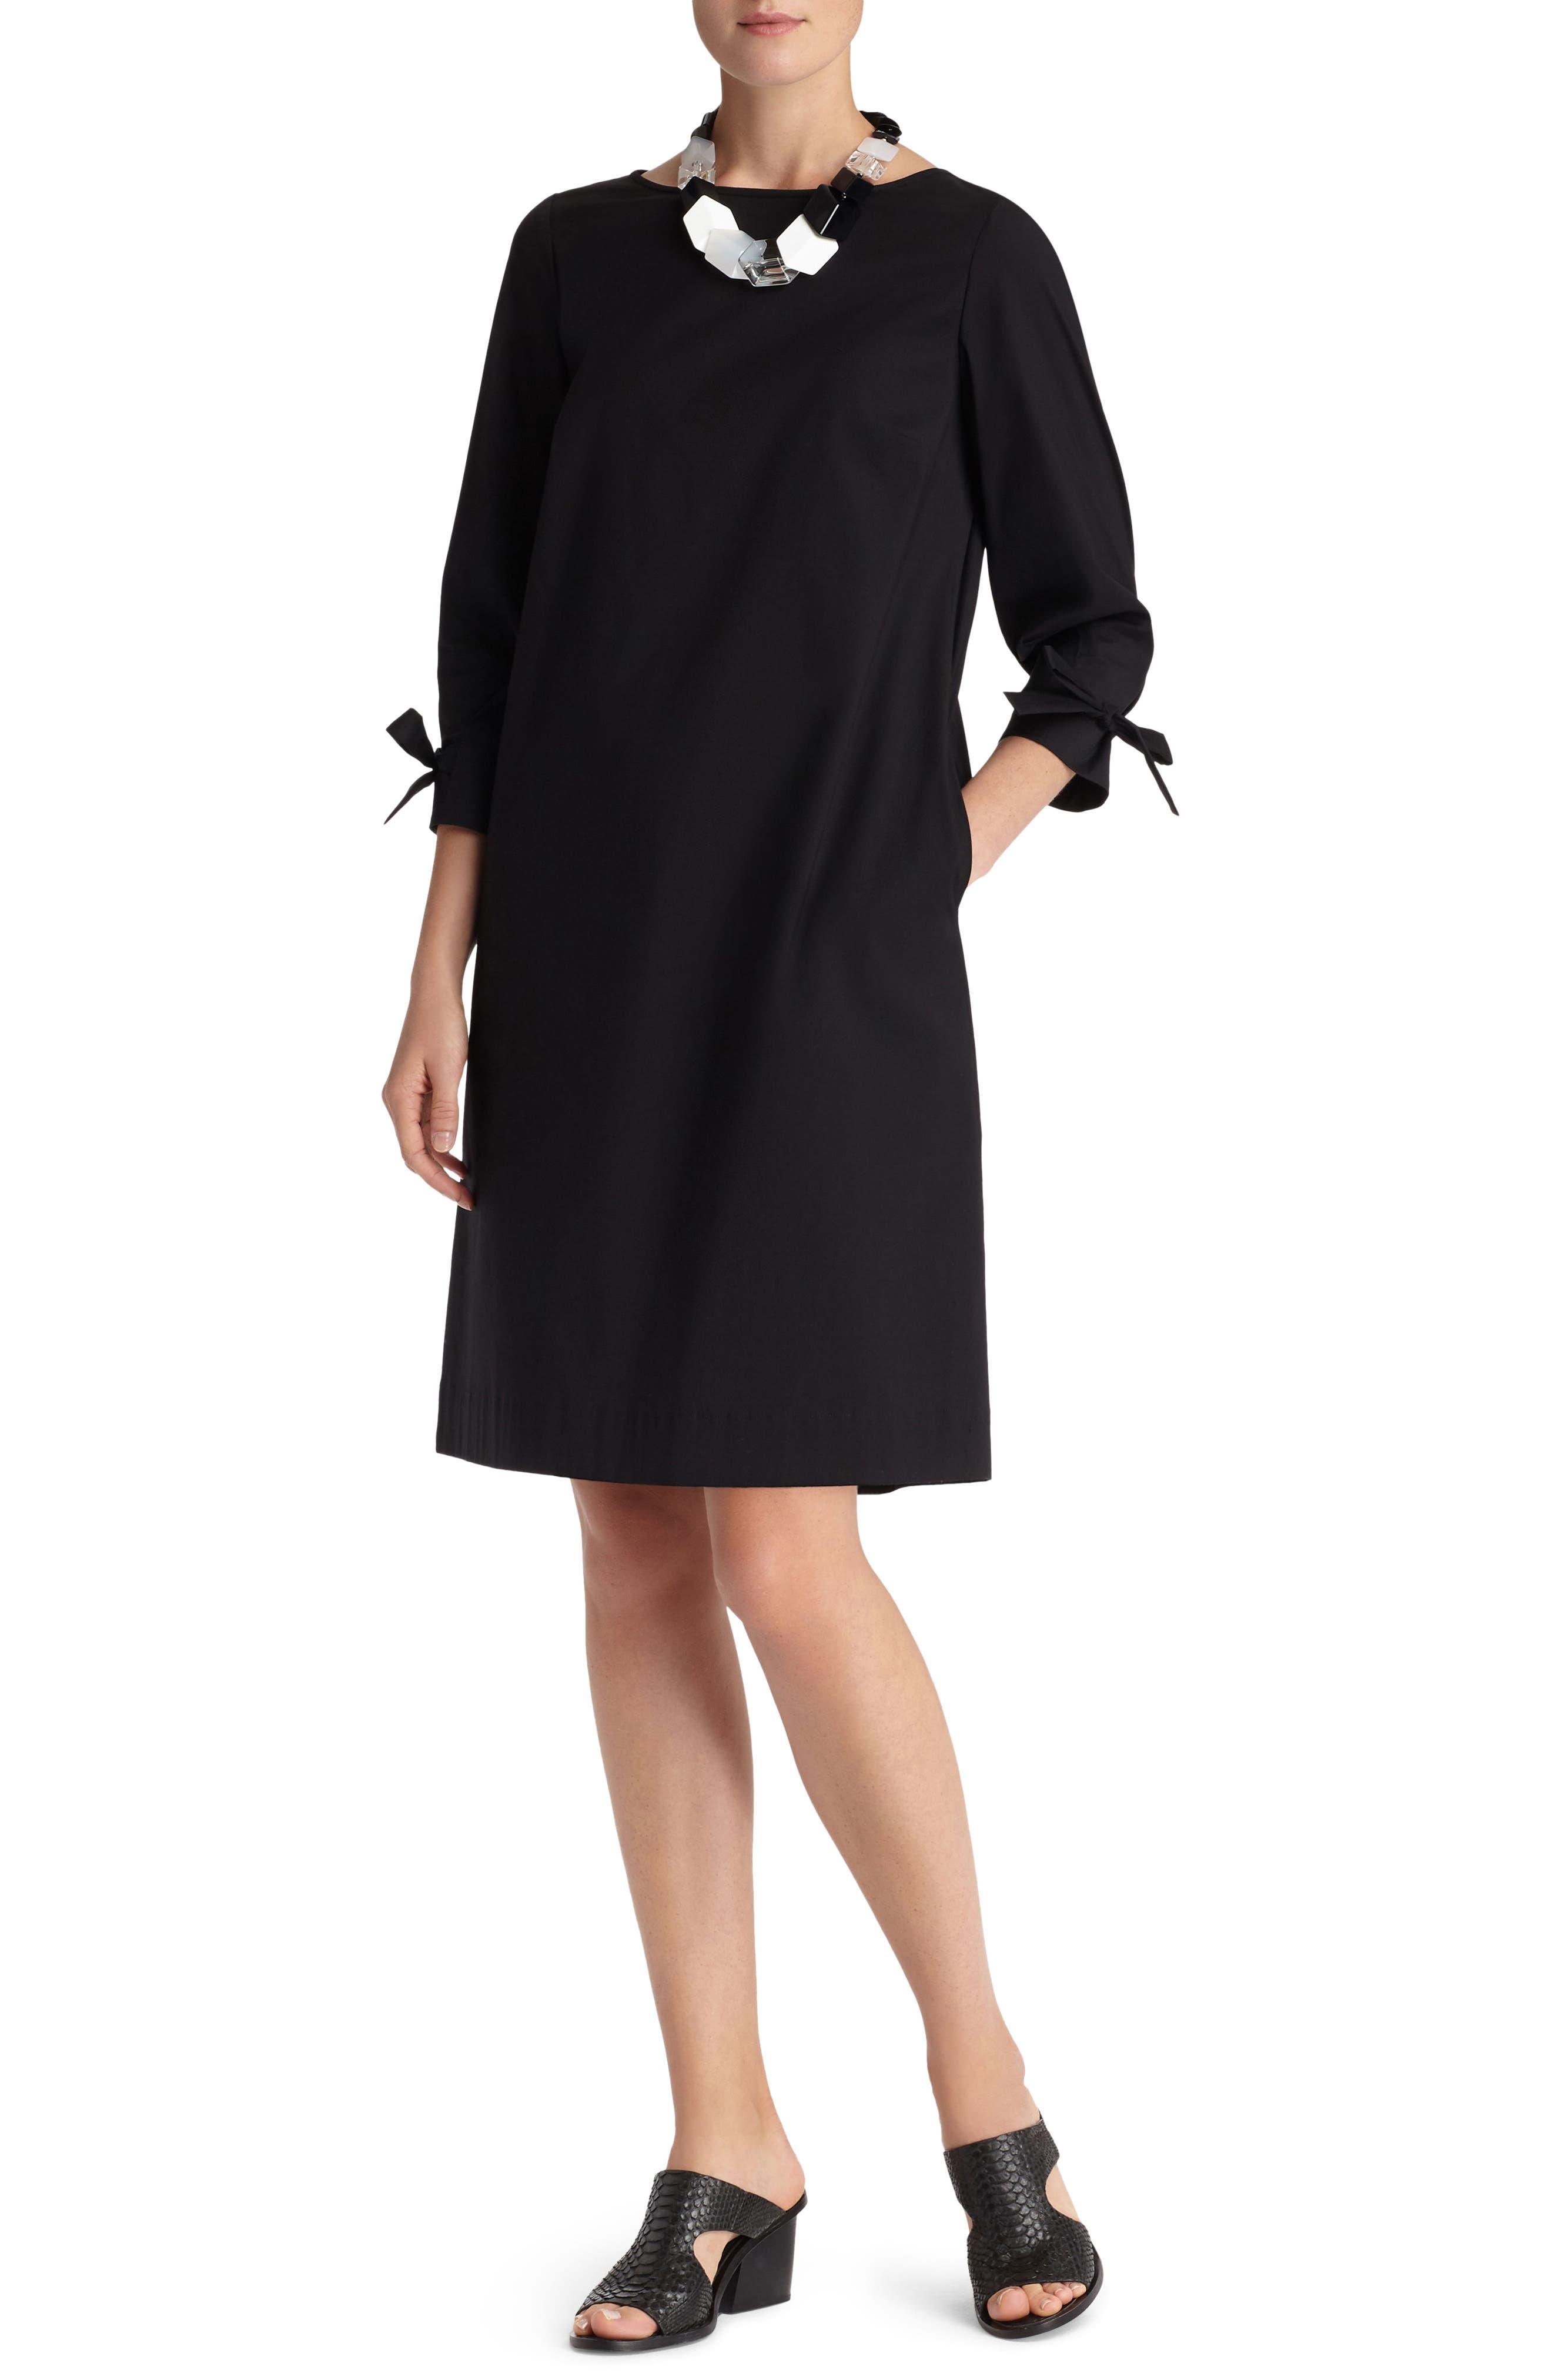 Paige Cotton Blend Dress,                         Main,                         color, Black